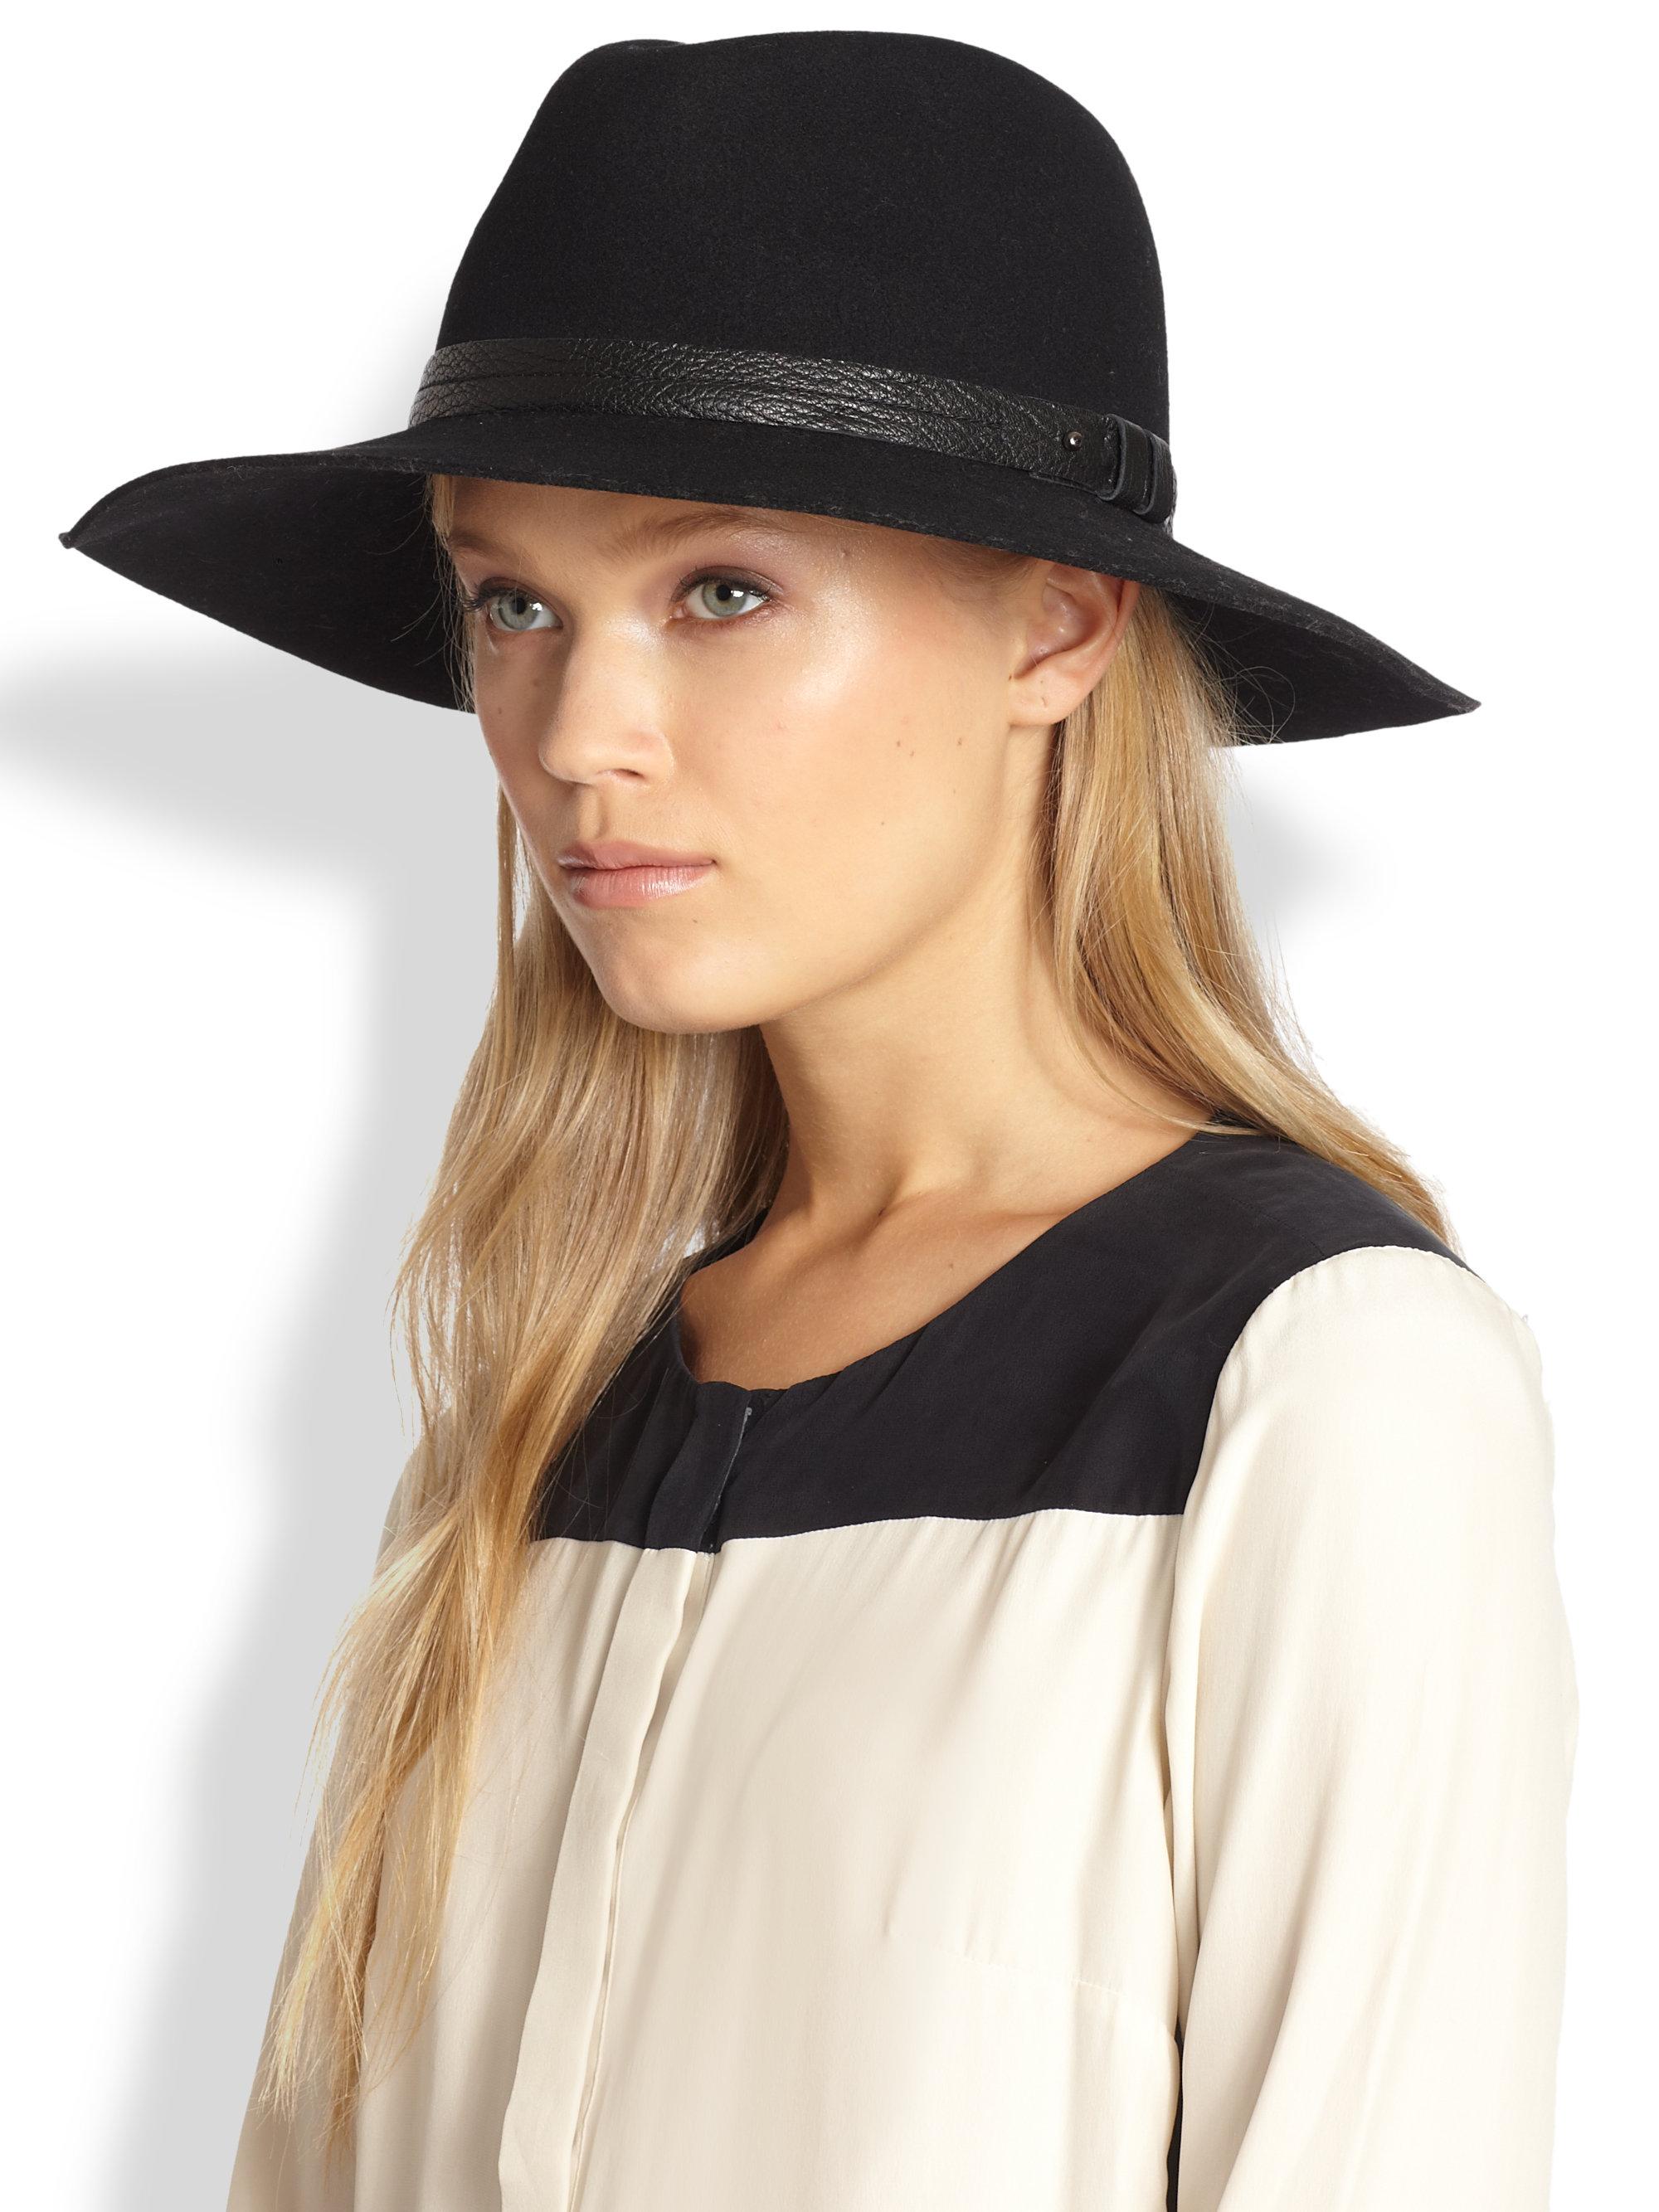 ff728a32ee0817 Rag & Bone Leather Trimmed Wool Fedora in Black - Lyst